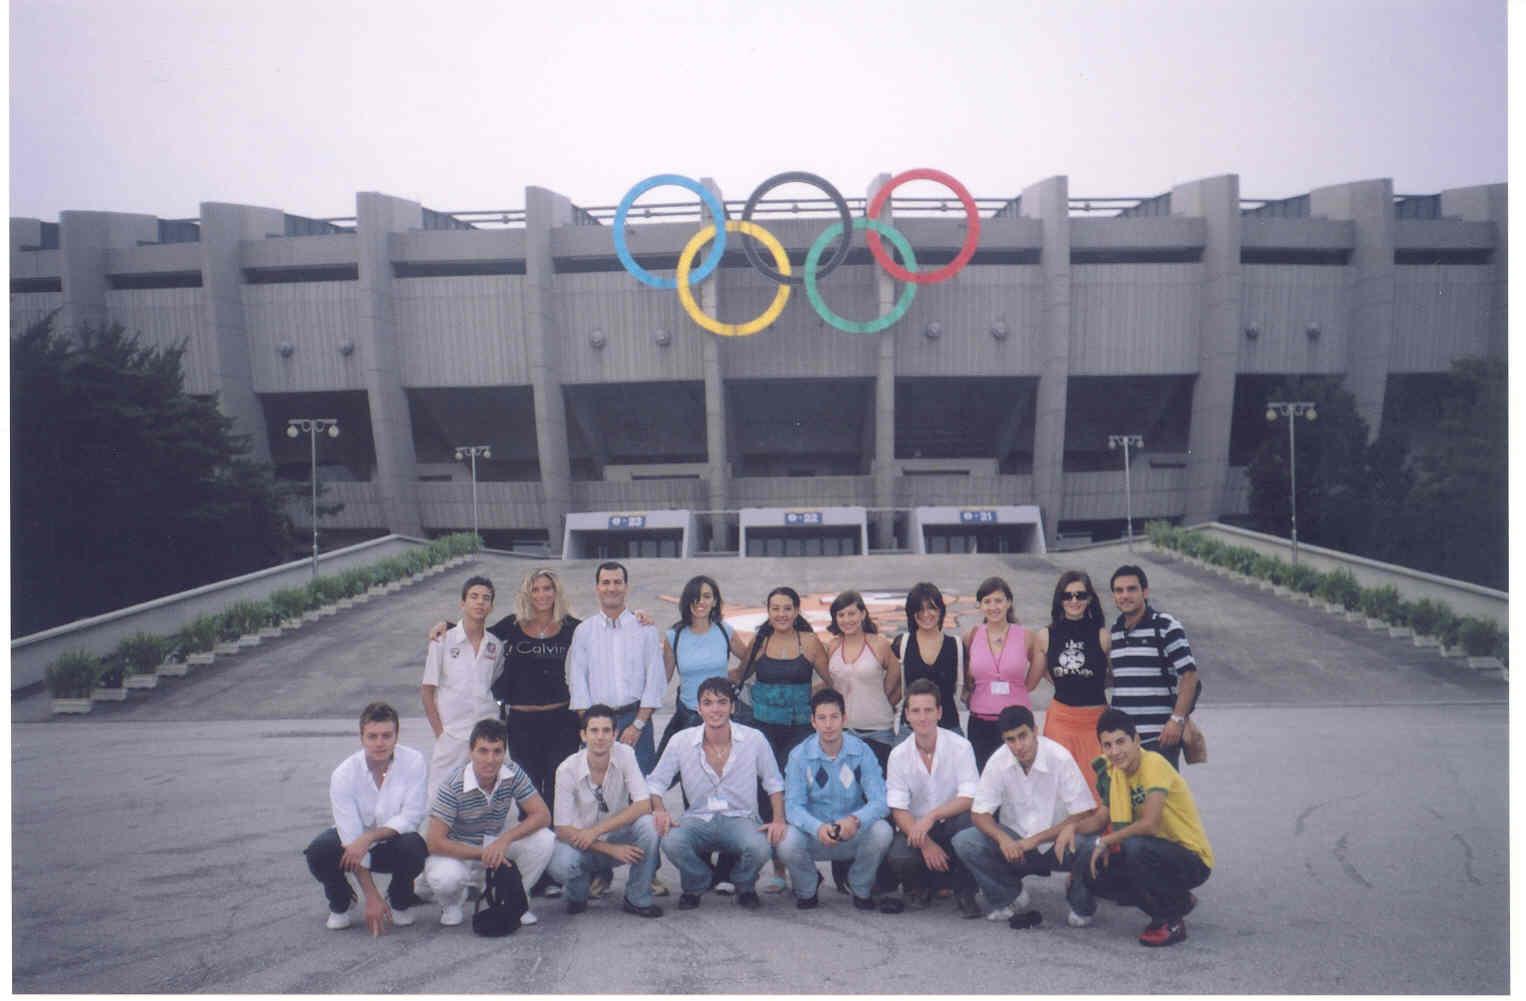 foto_n.16.jpg